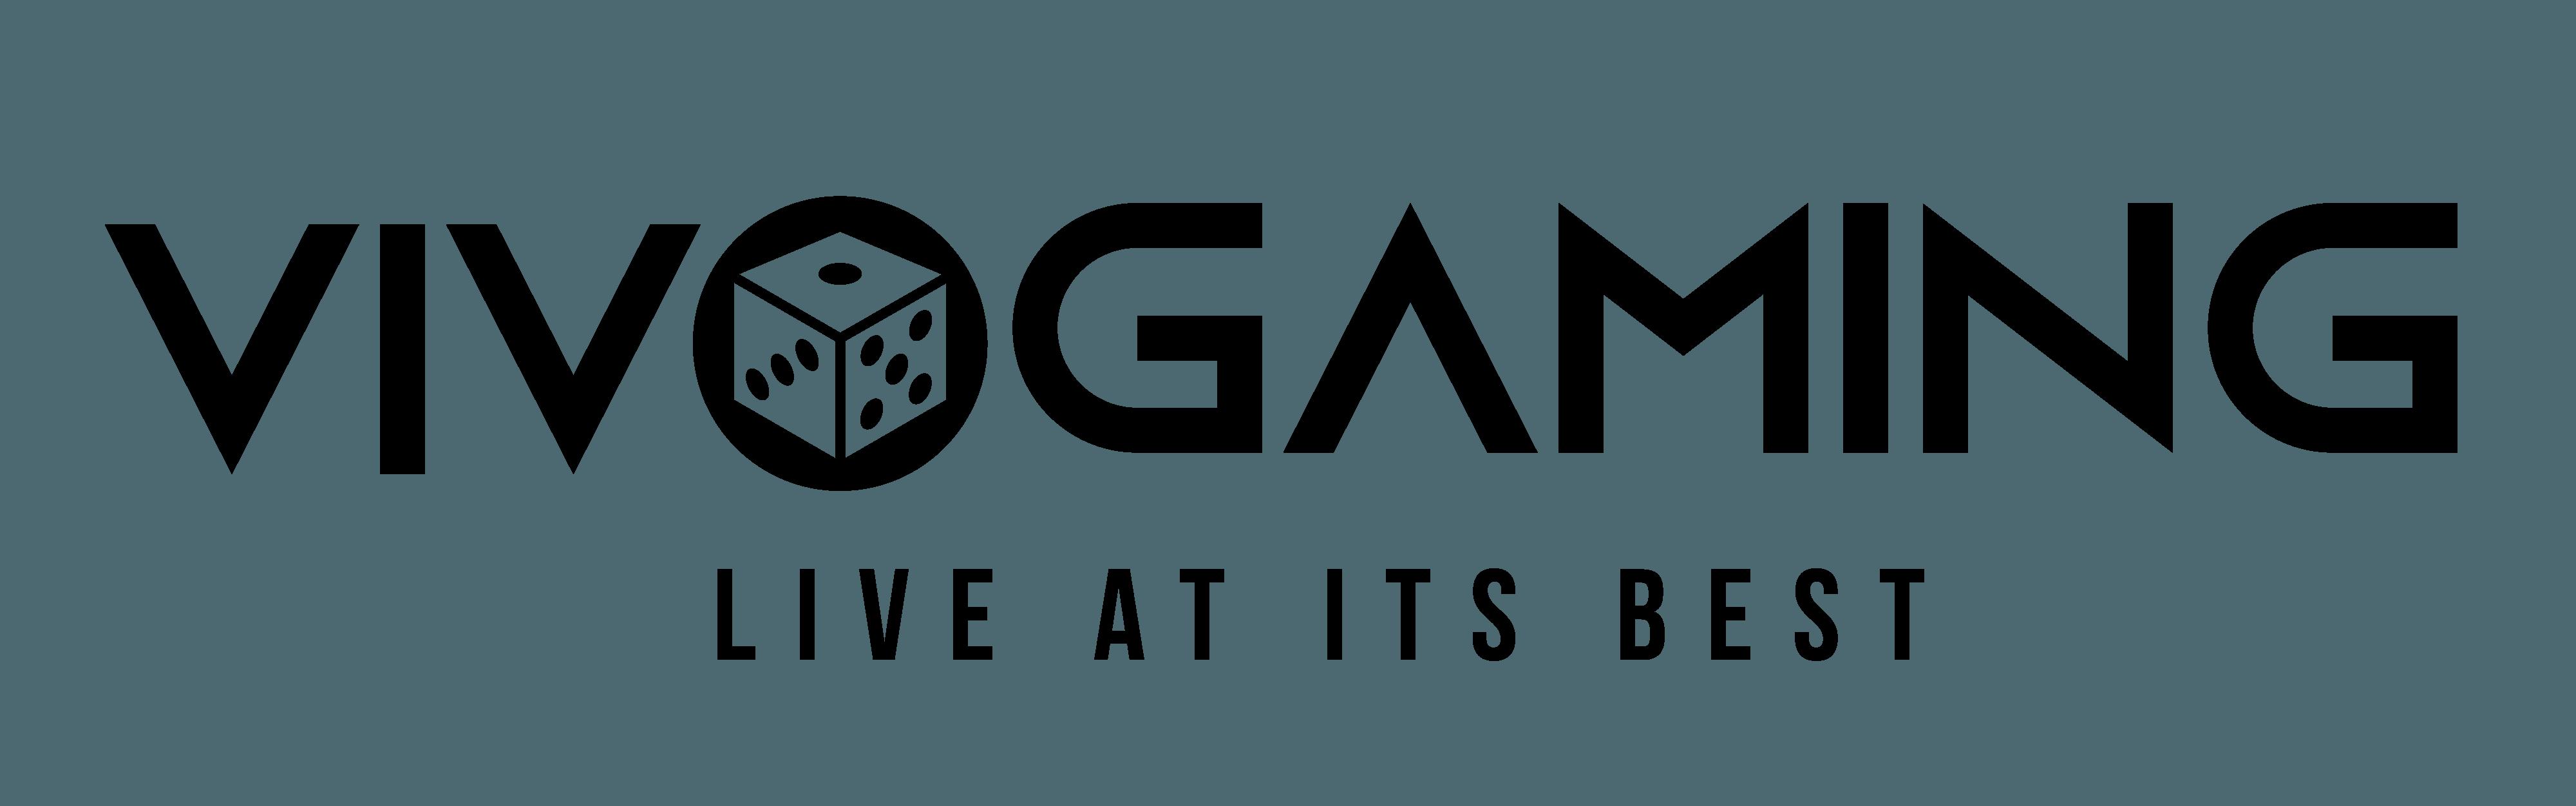 Vivo Gaming игры